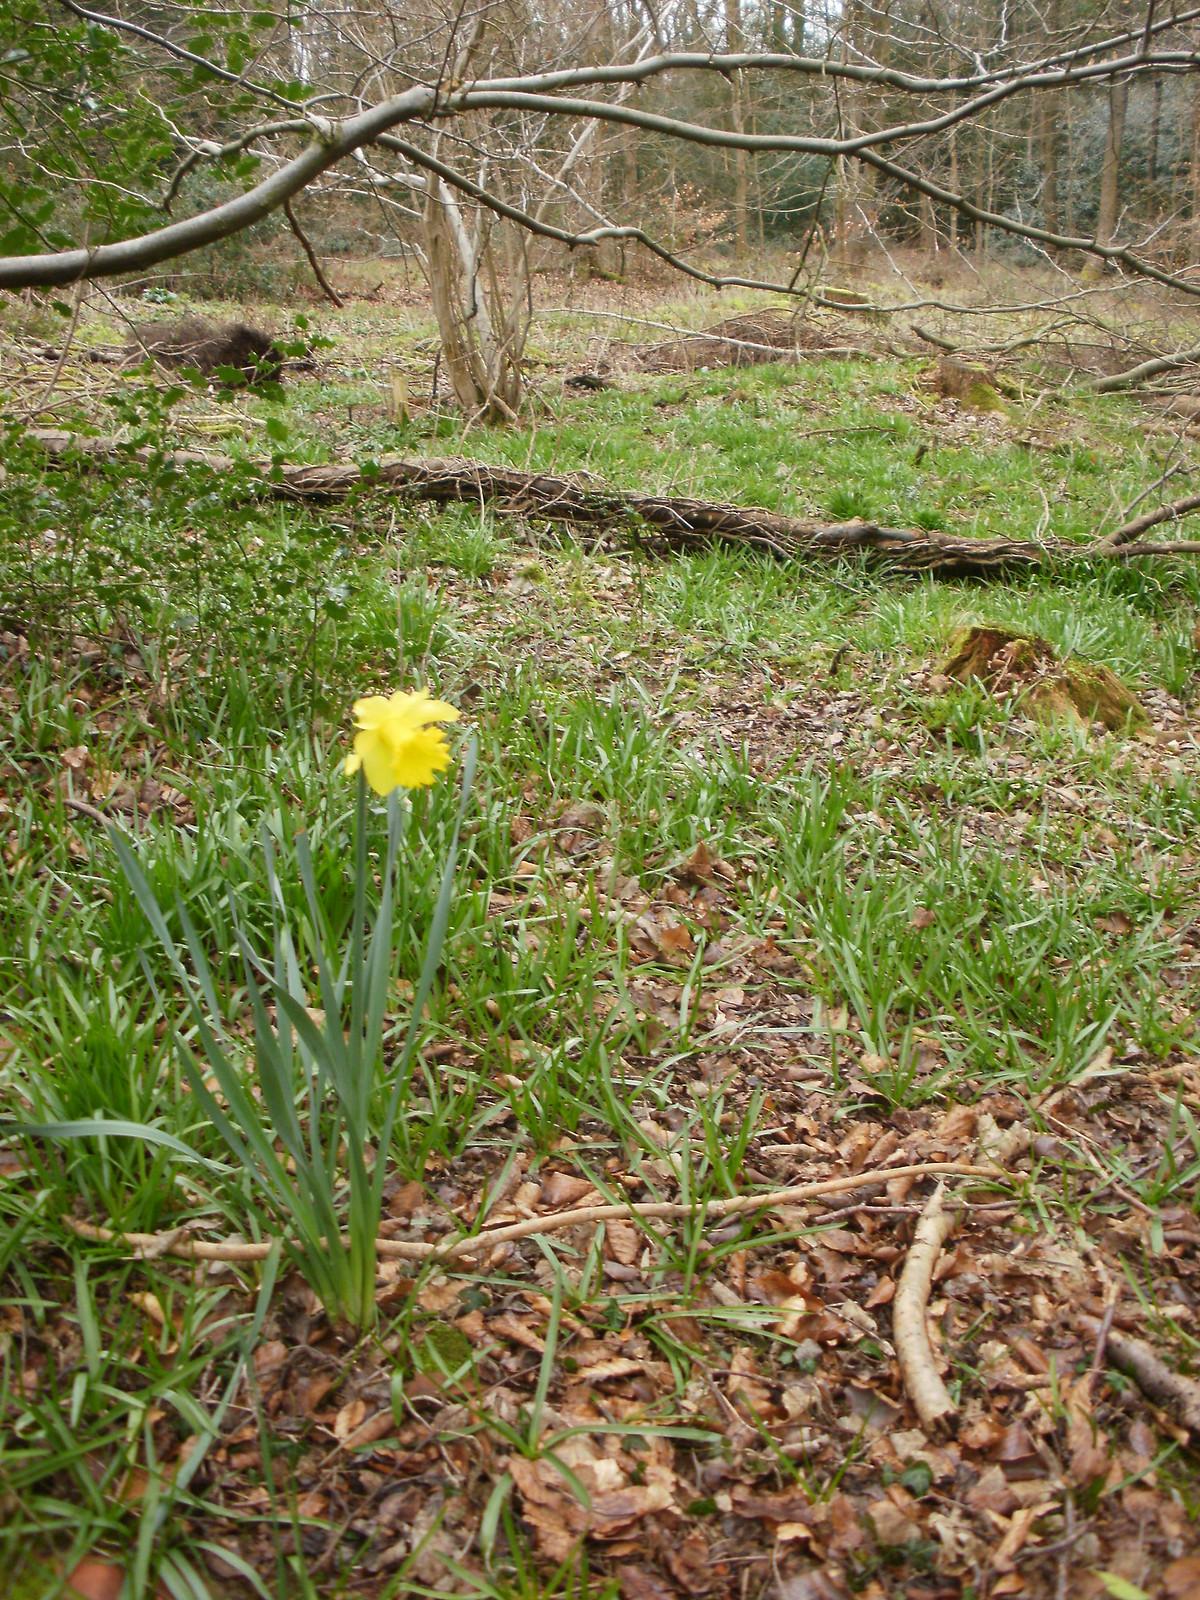 Daffodil in the wood OLYMPUS DIGITAL CAMERA